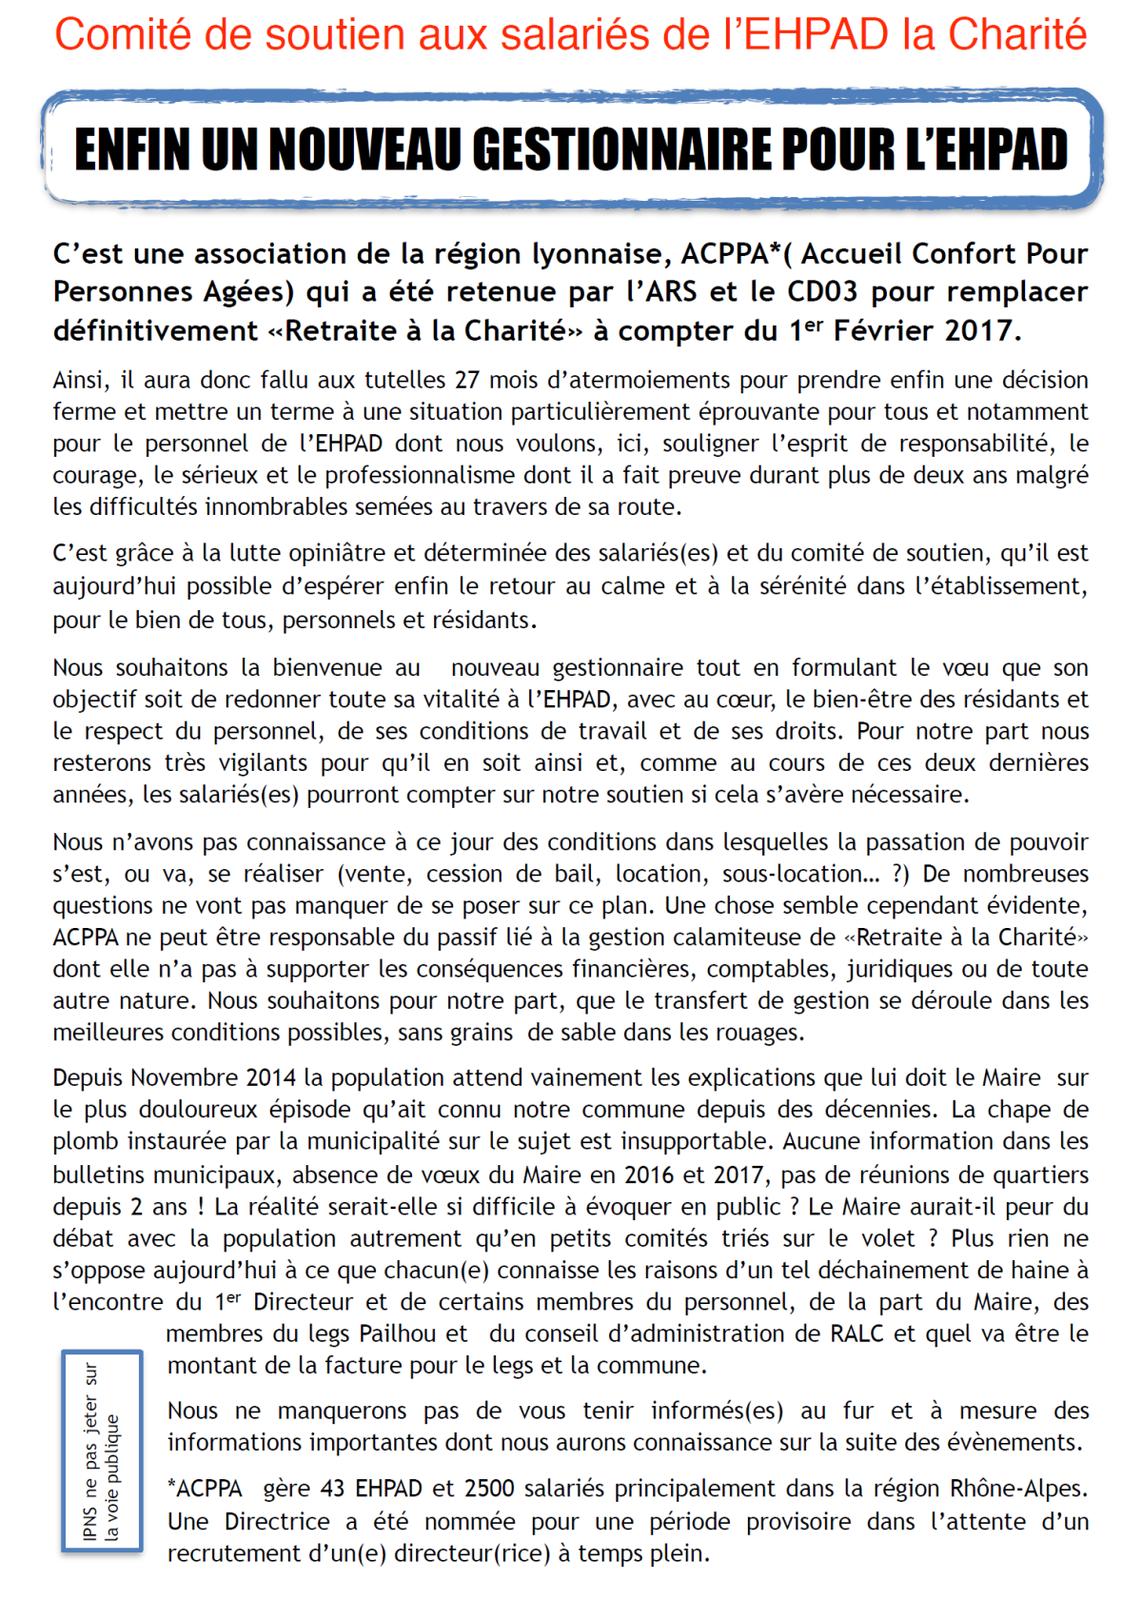 Une association lyonnaise reprend la gestion de l'EHPAD de la Charité à Lavault-Sainte-Anne